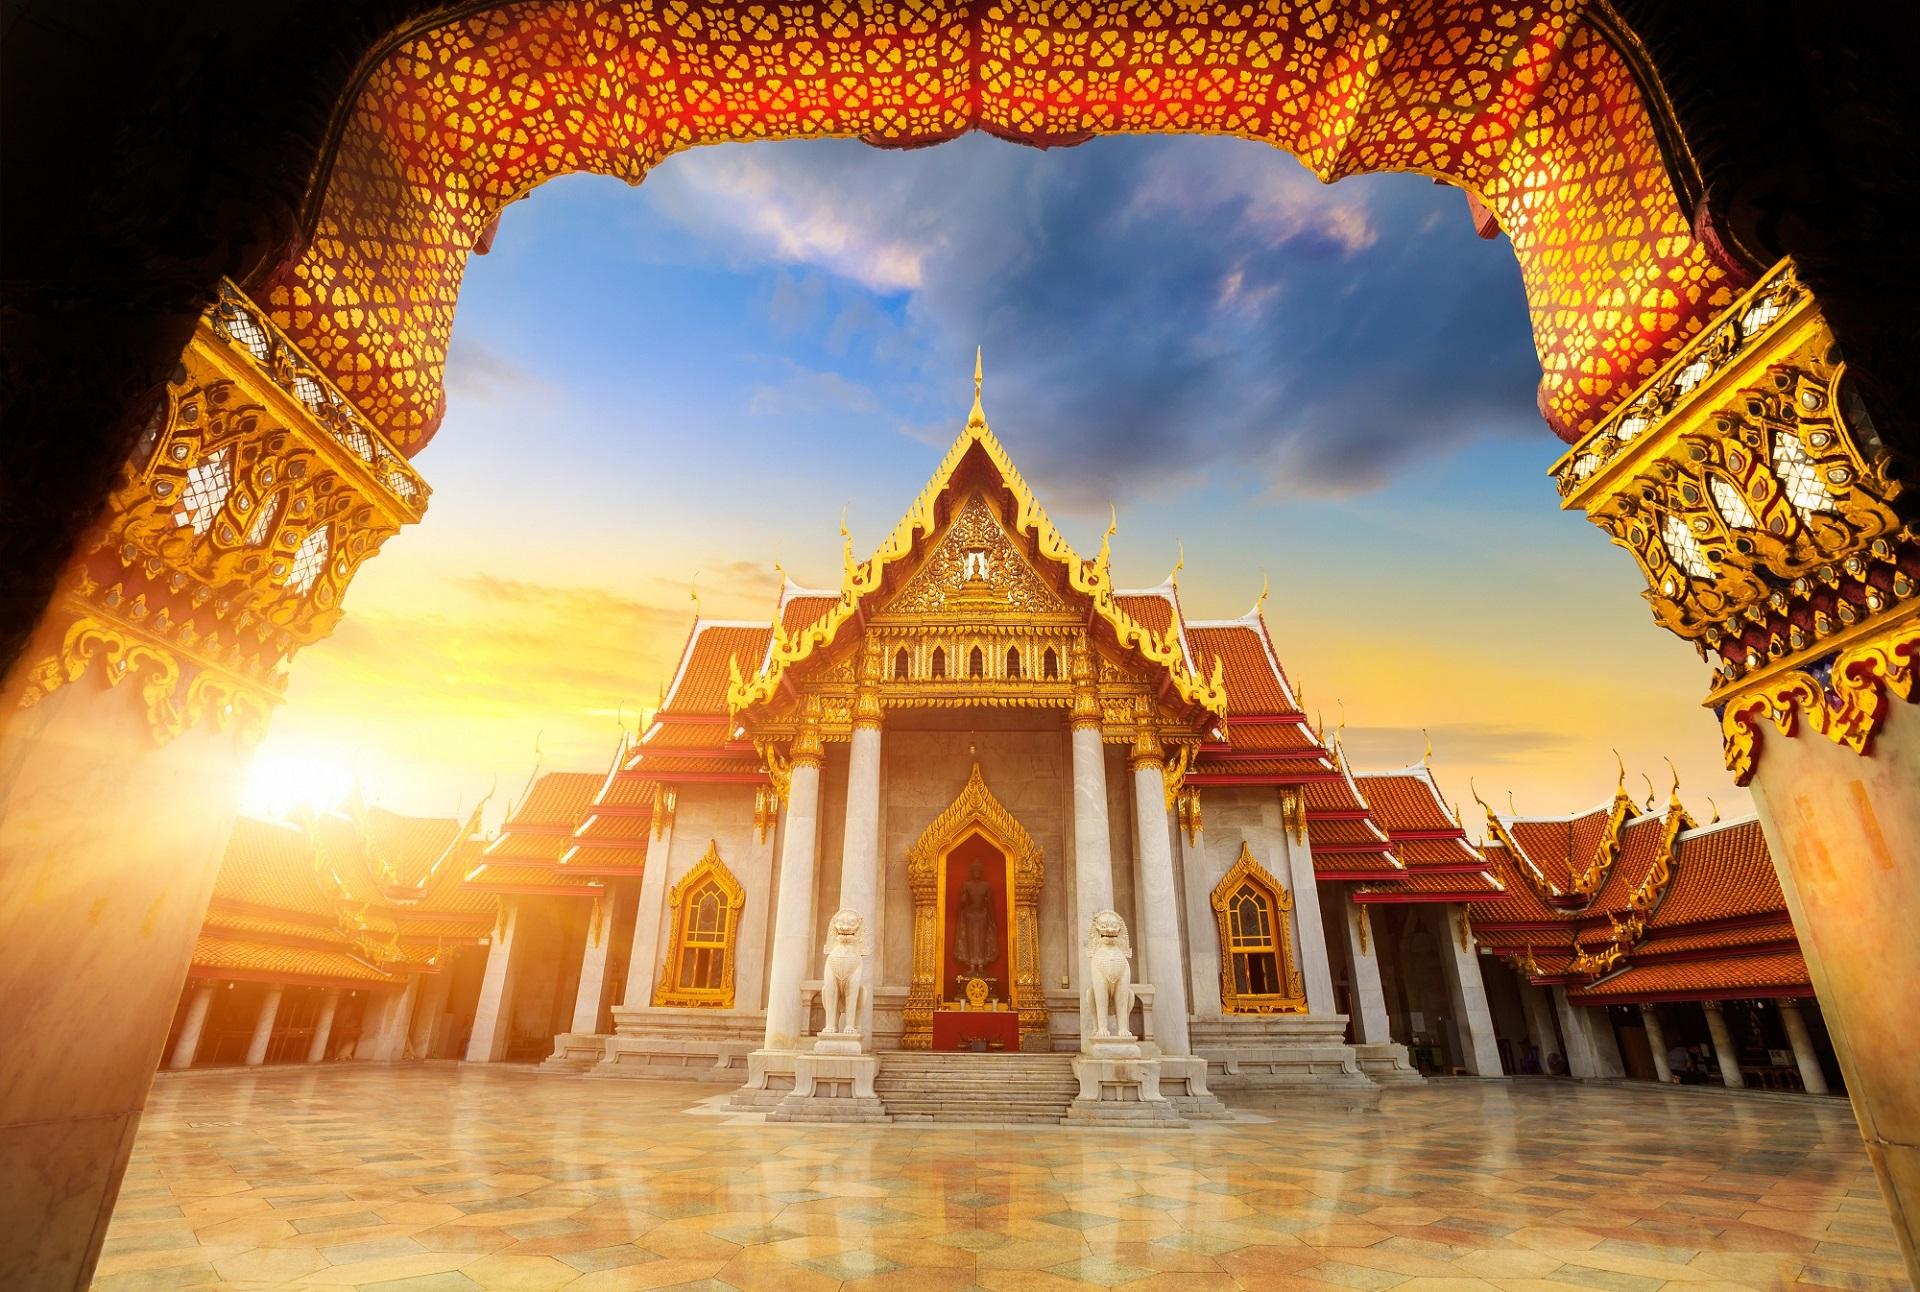 Der Marble Temple in Bangkok ist ein echtes Highlight